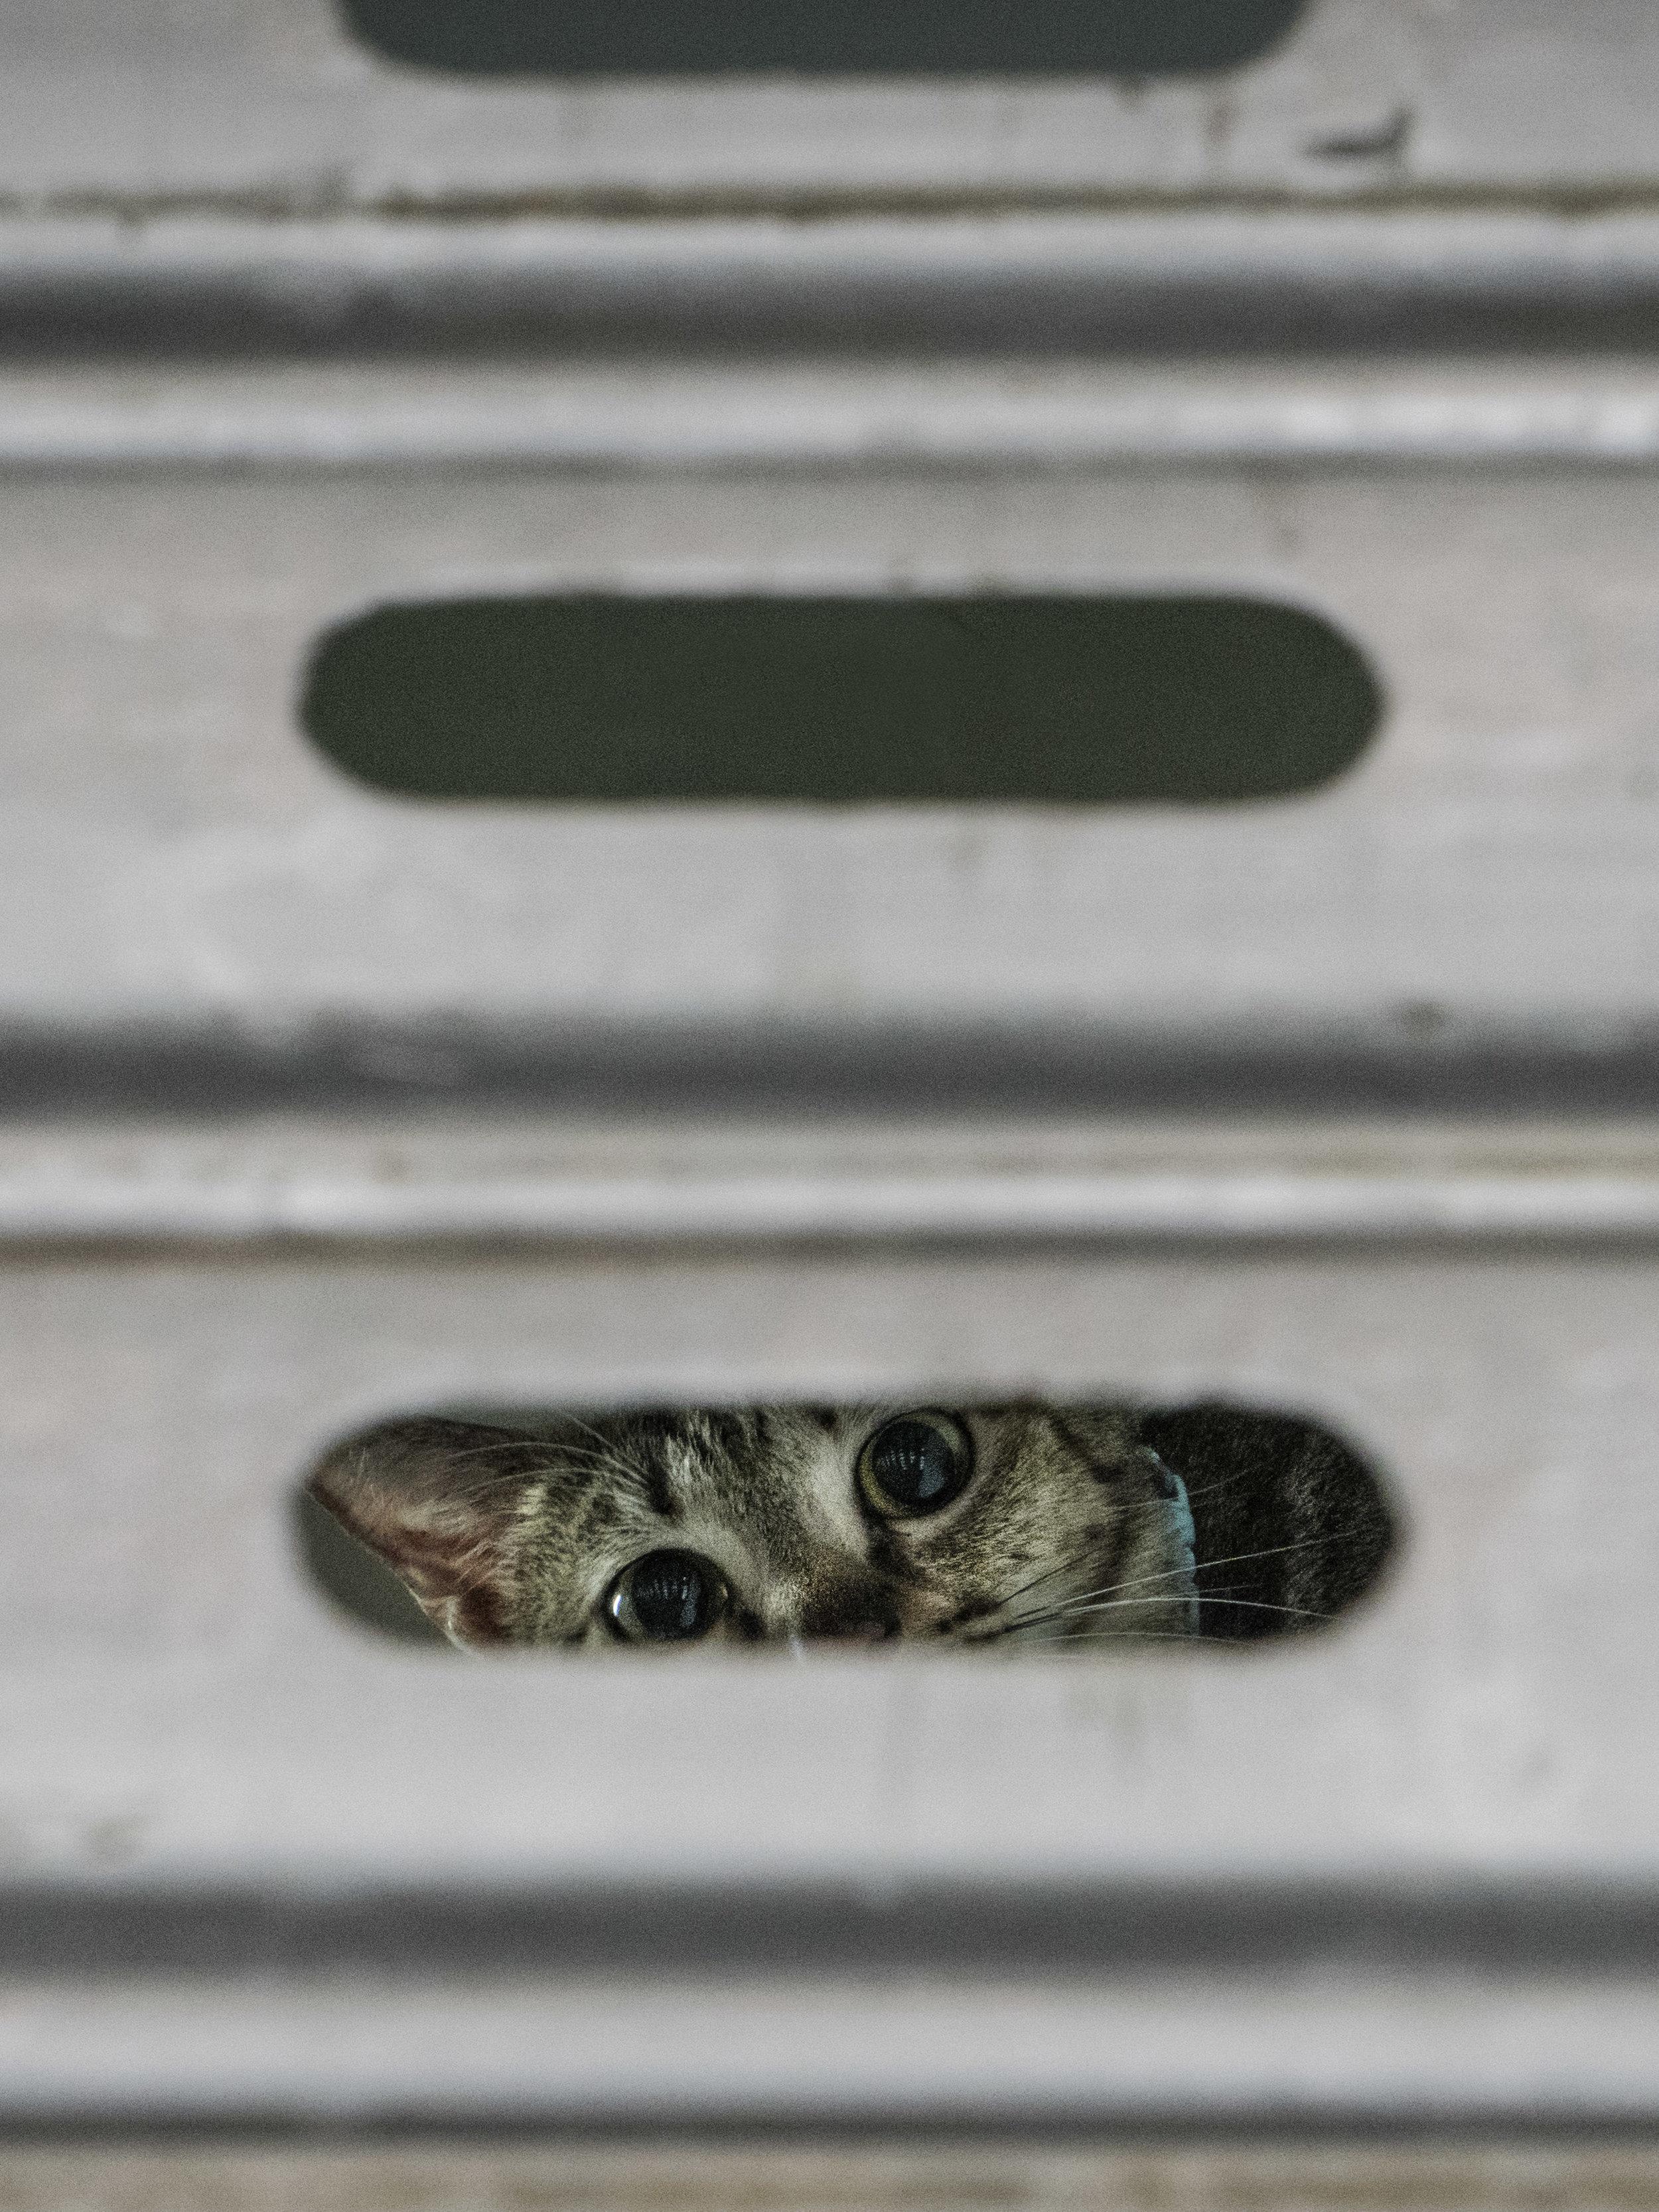 M. Heijnen, HK Shop Cats #6.jpg